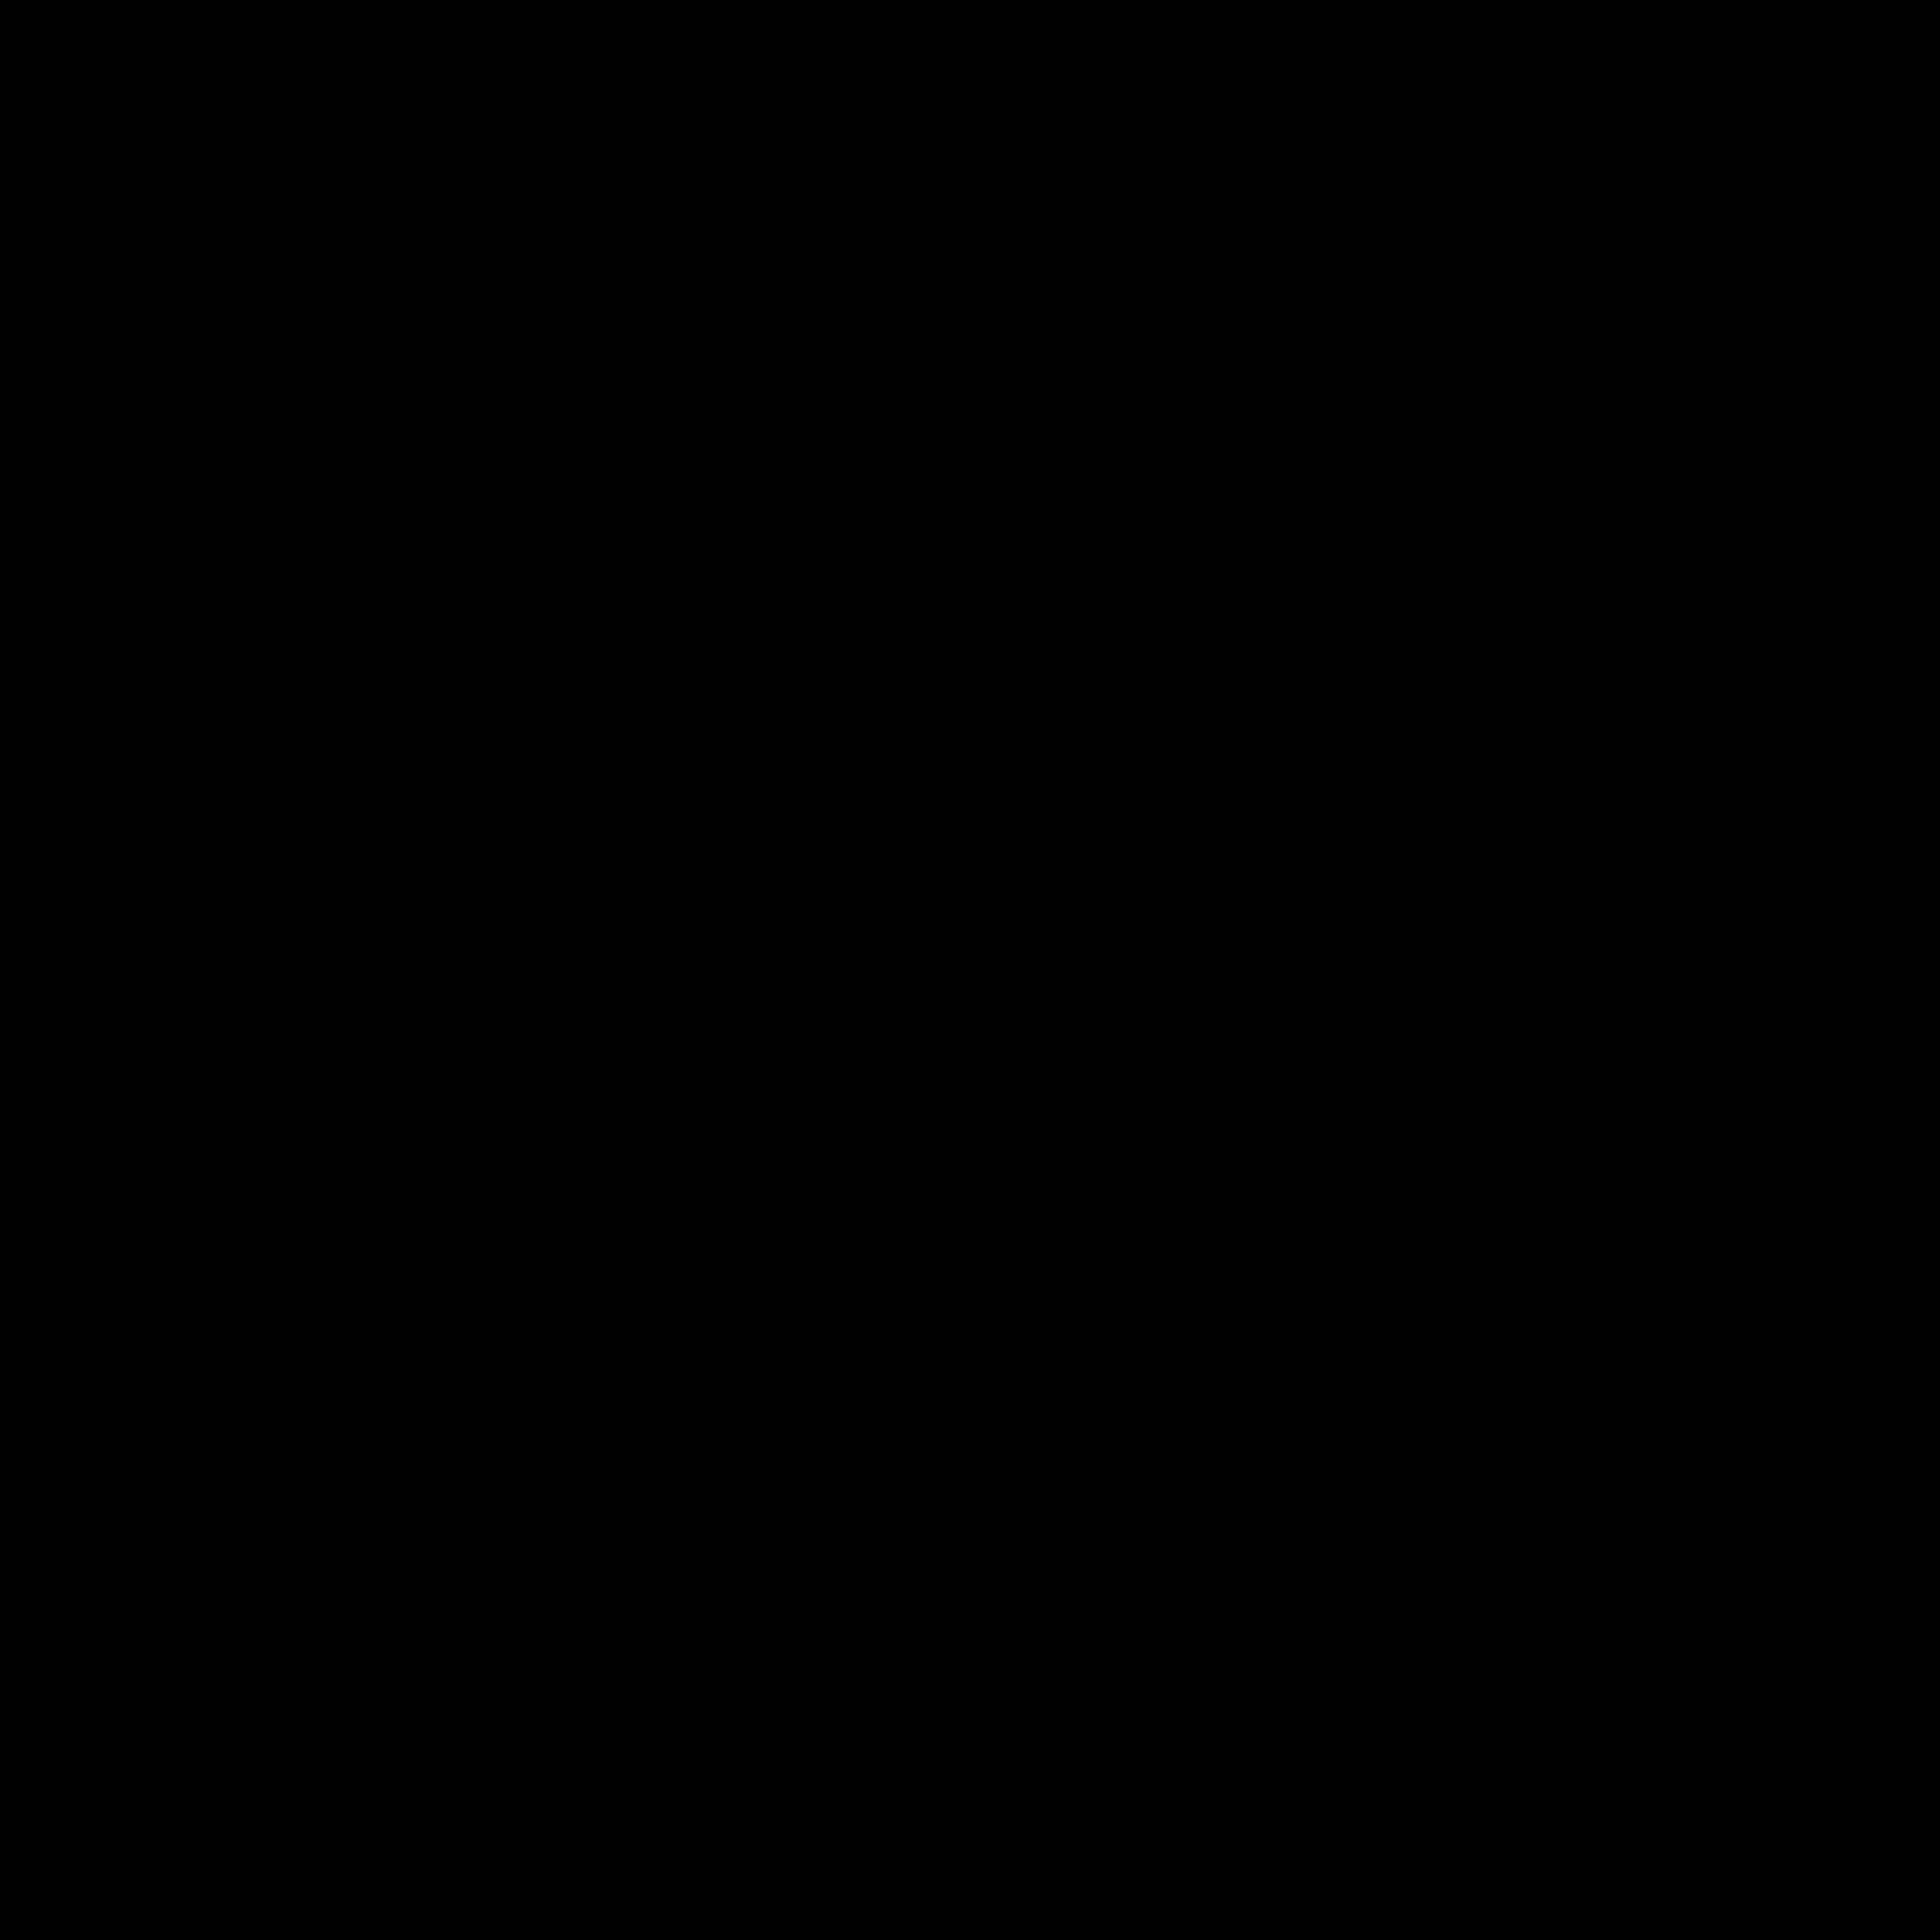 fb_black_icon.png